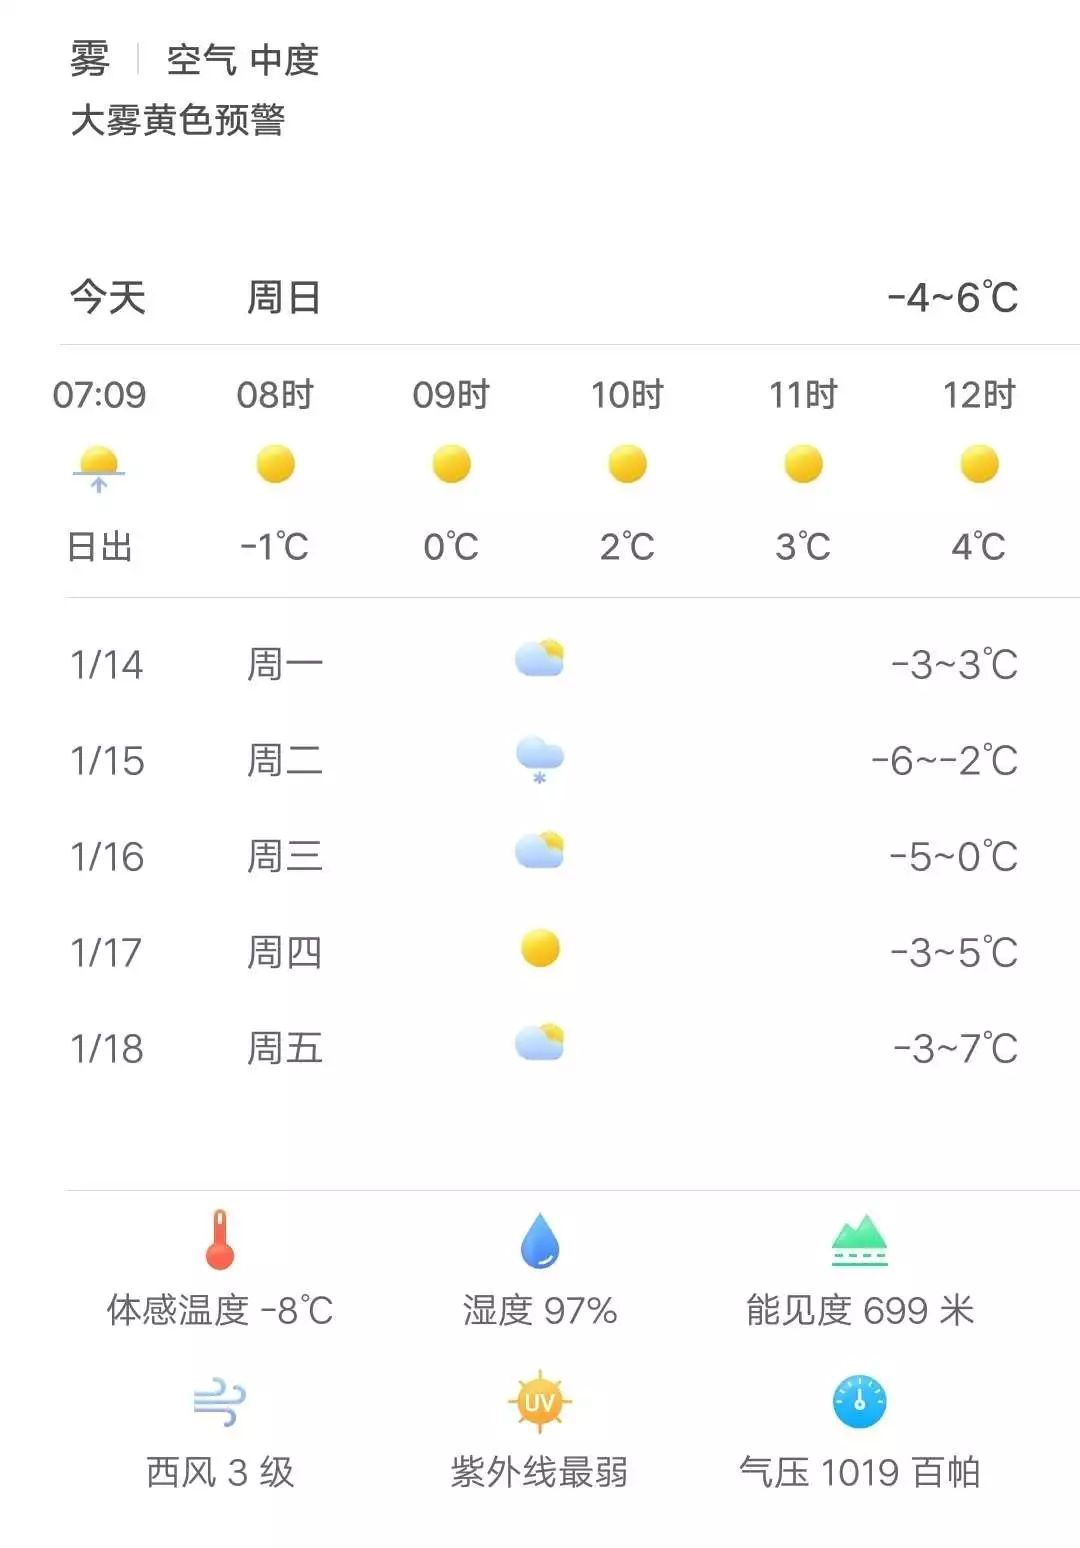 2019年1月13日(周日)烟台广播《新闻早报》(音频版)